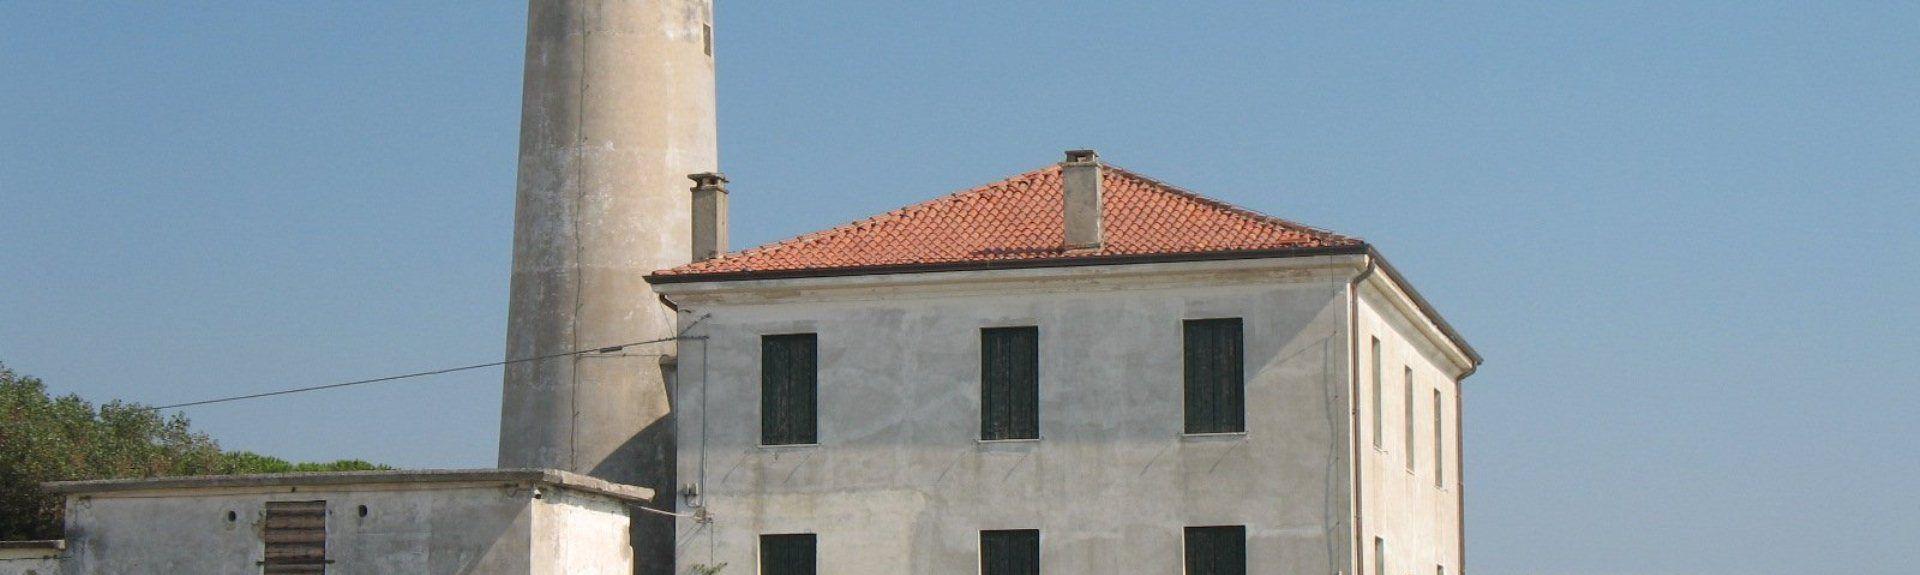 Museo Nazionale Concordiese, Portogruaro, Italy